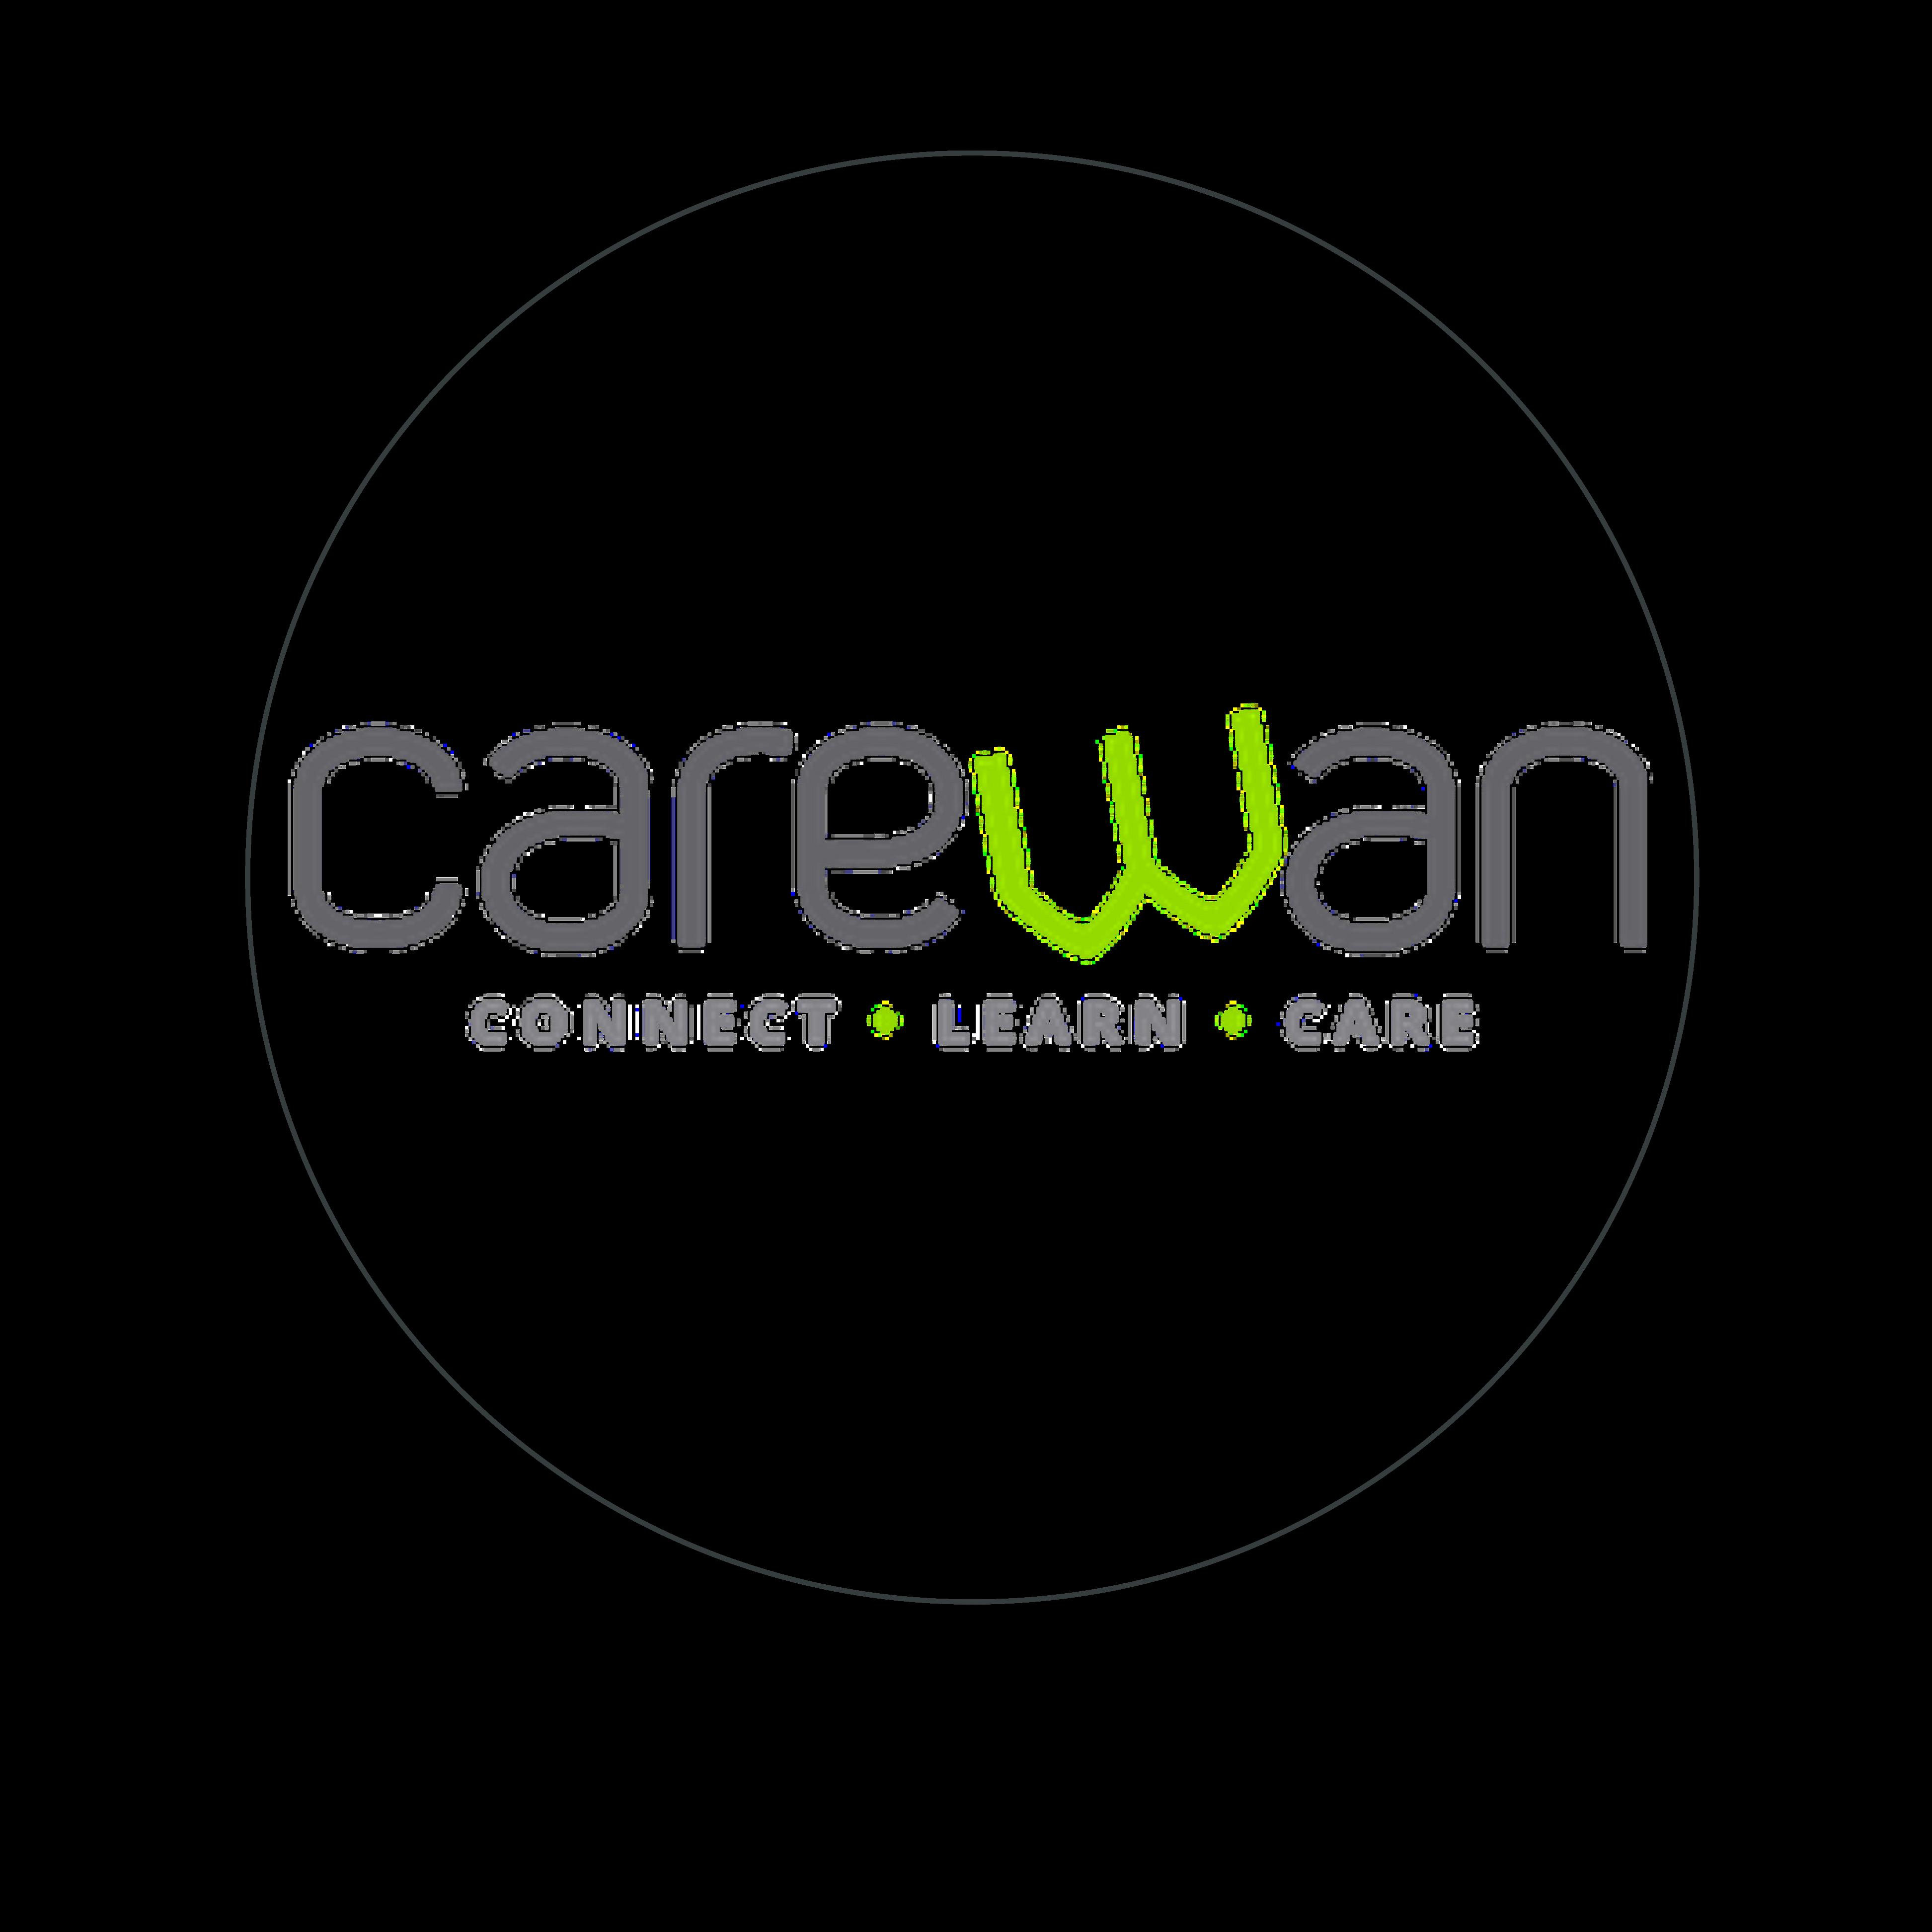 logo carewan gris et vert cerclé